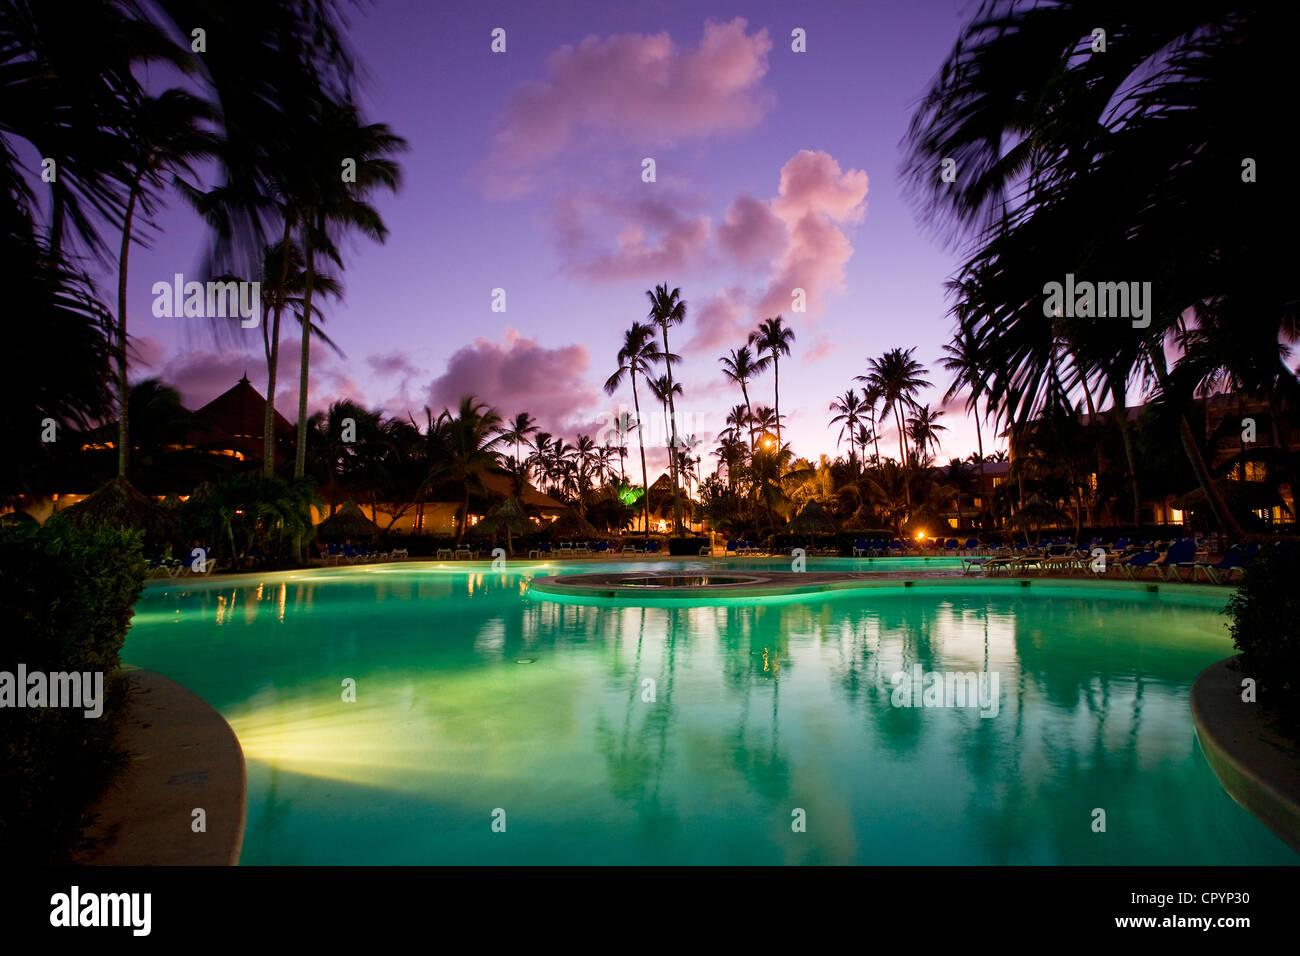 República Dominicana, provincia de La Altagracia, Punta Cana, Playa Bávaro, Arena Blanca Hotel Foto de stock